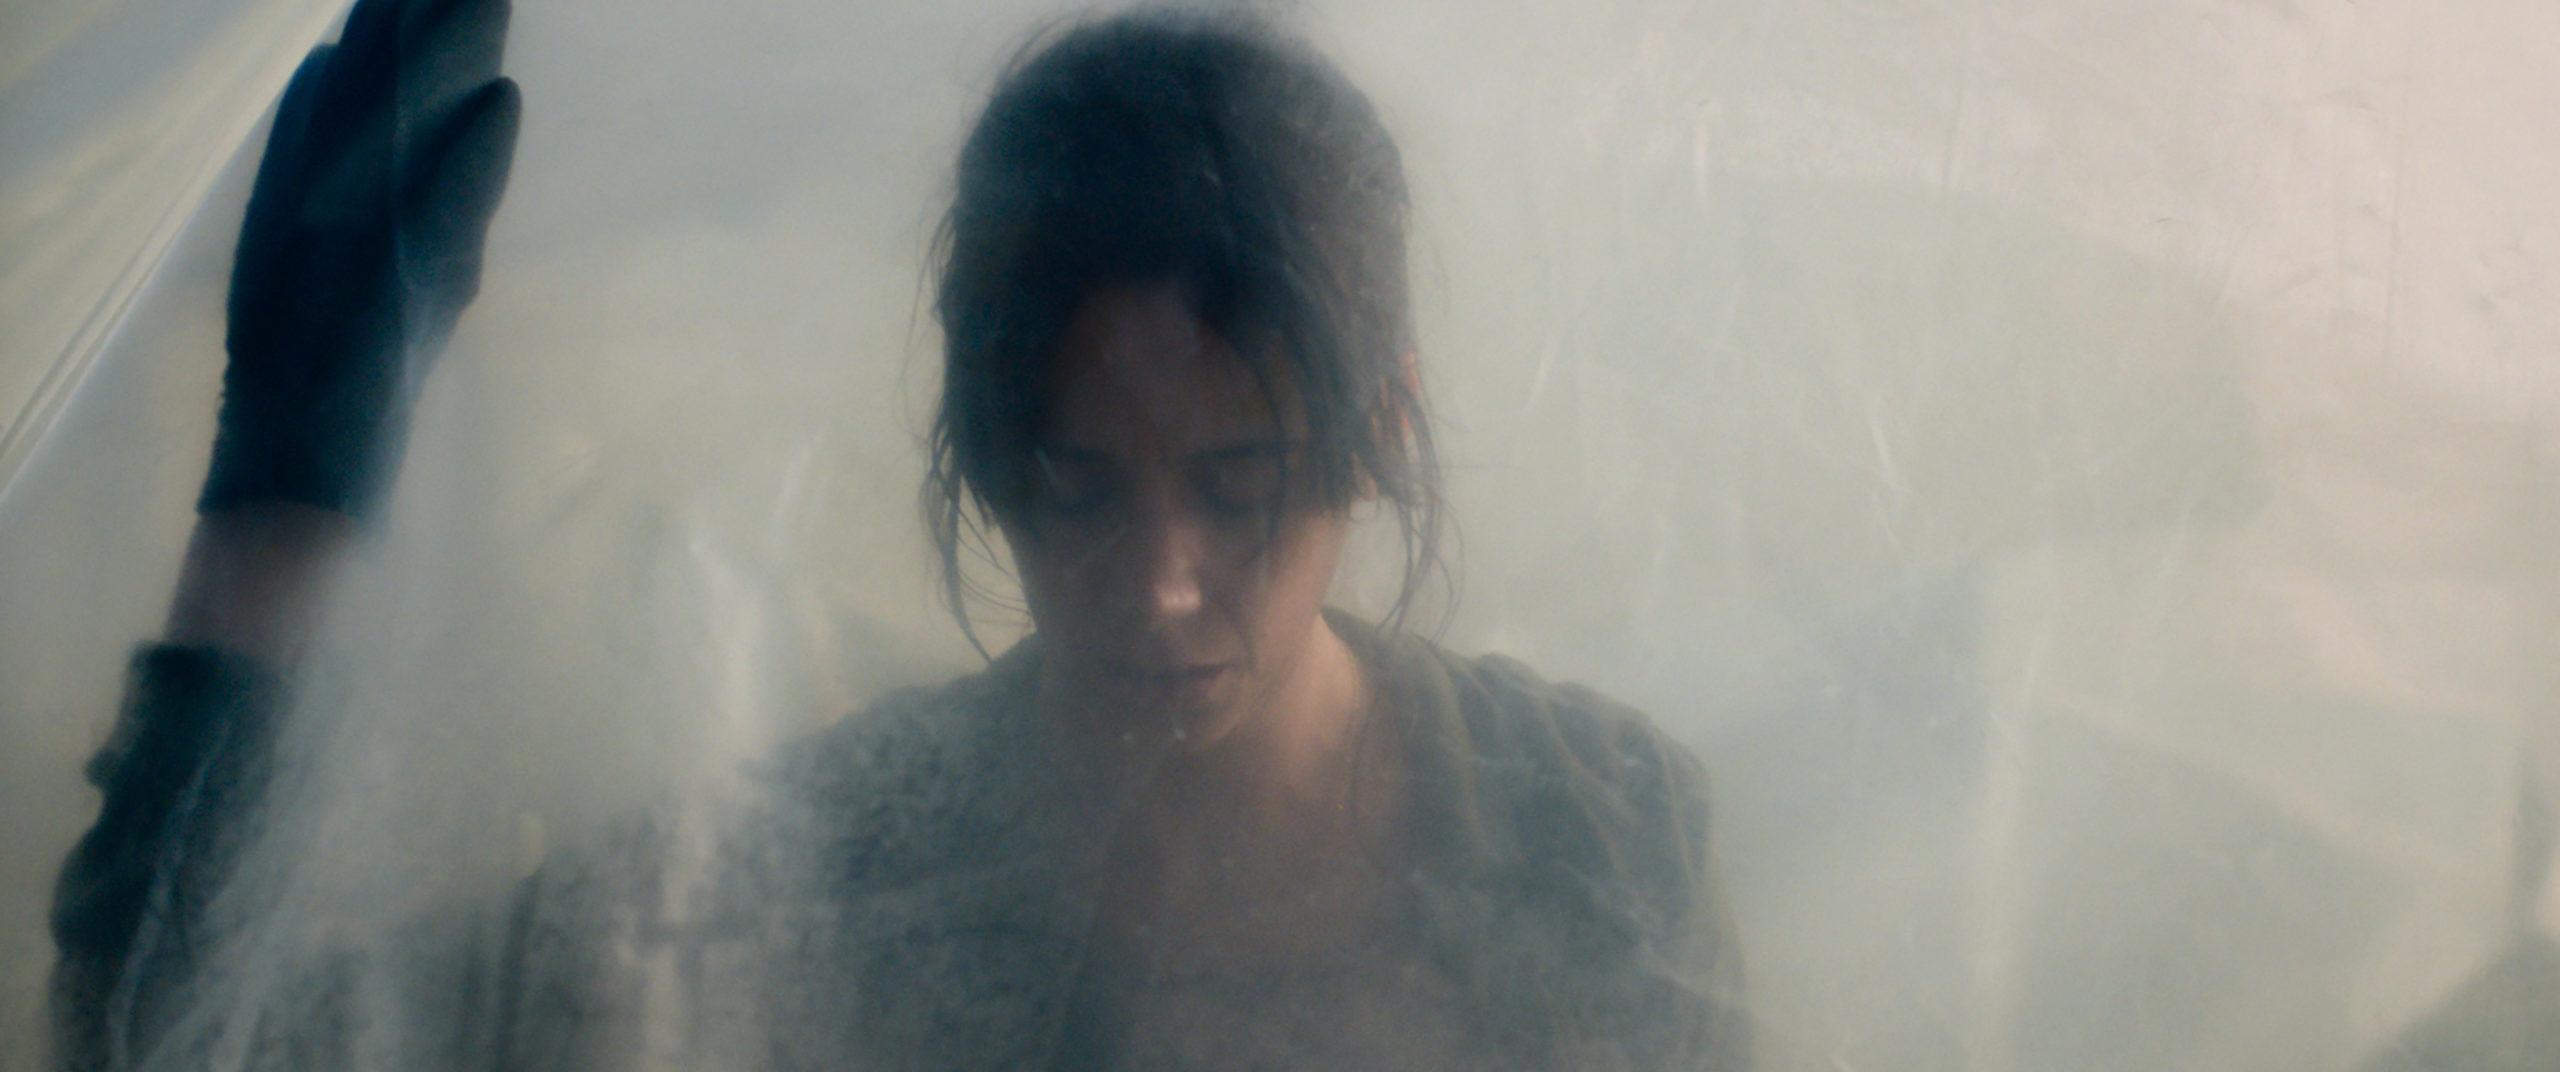 La Nuée : rencontre avec le réalisateur Just Philippot et l'actrice Suliane Brahim